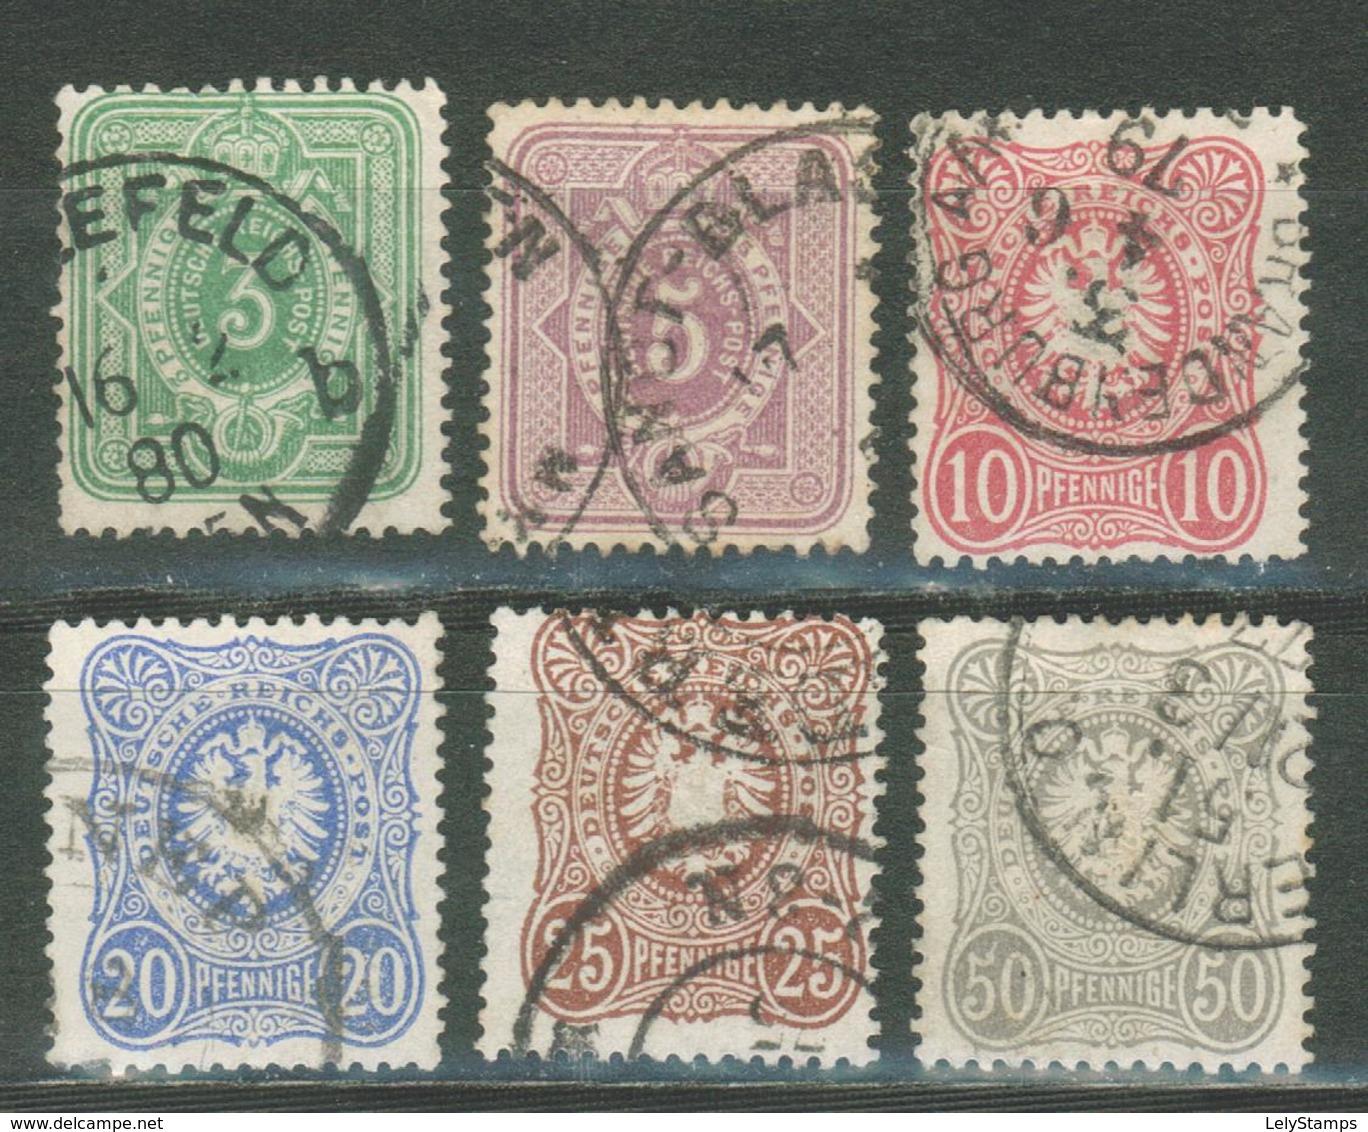 """Duitse Rijk / Deutsches Reich DR 31 - 36 Used O (1875) """"Pfennige"""" - Deutschland"""